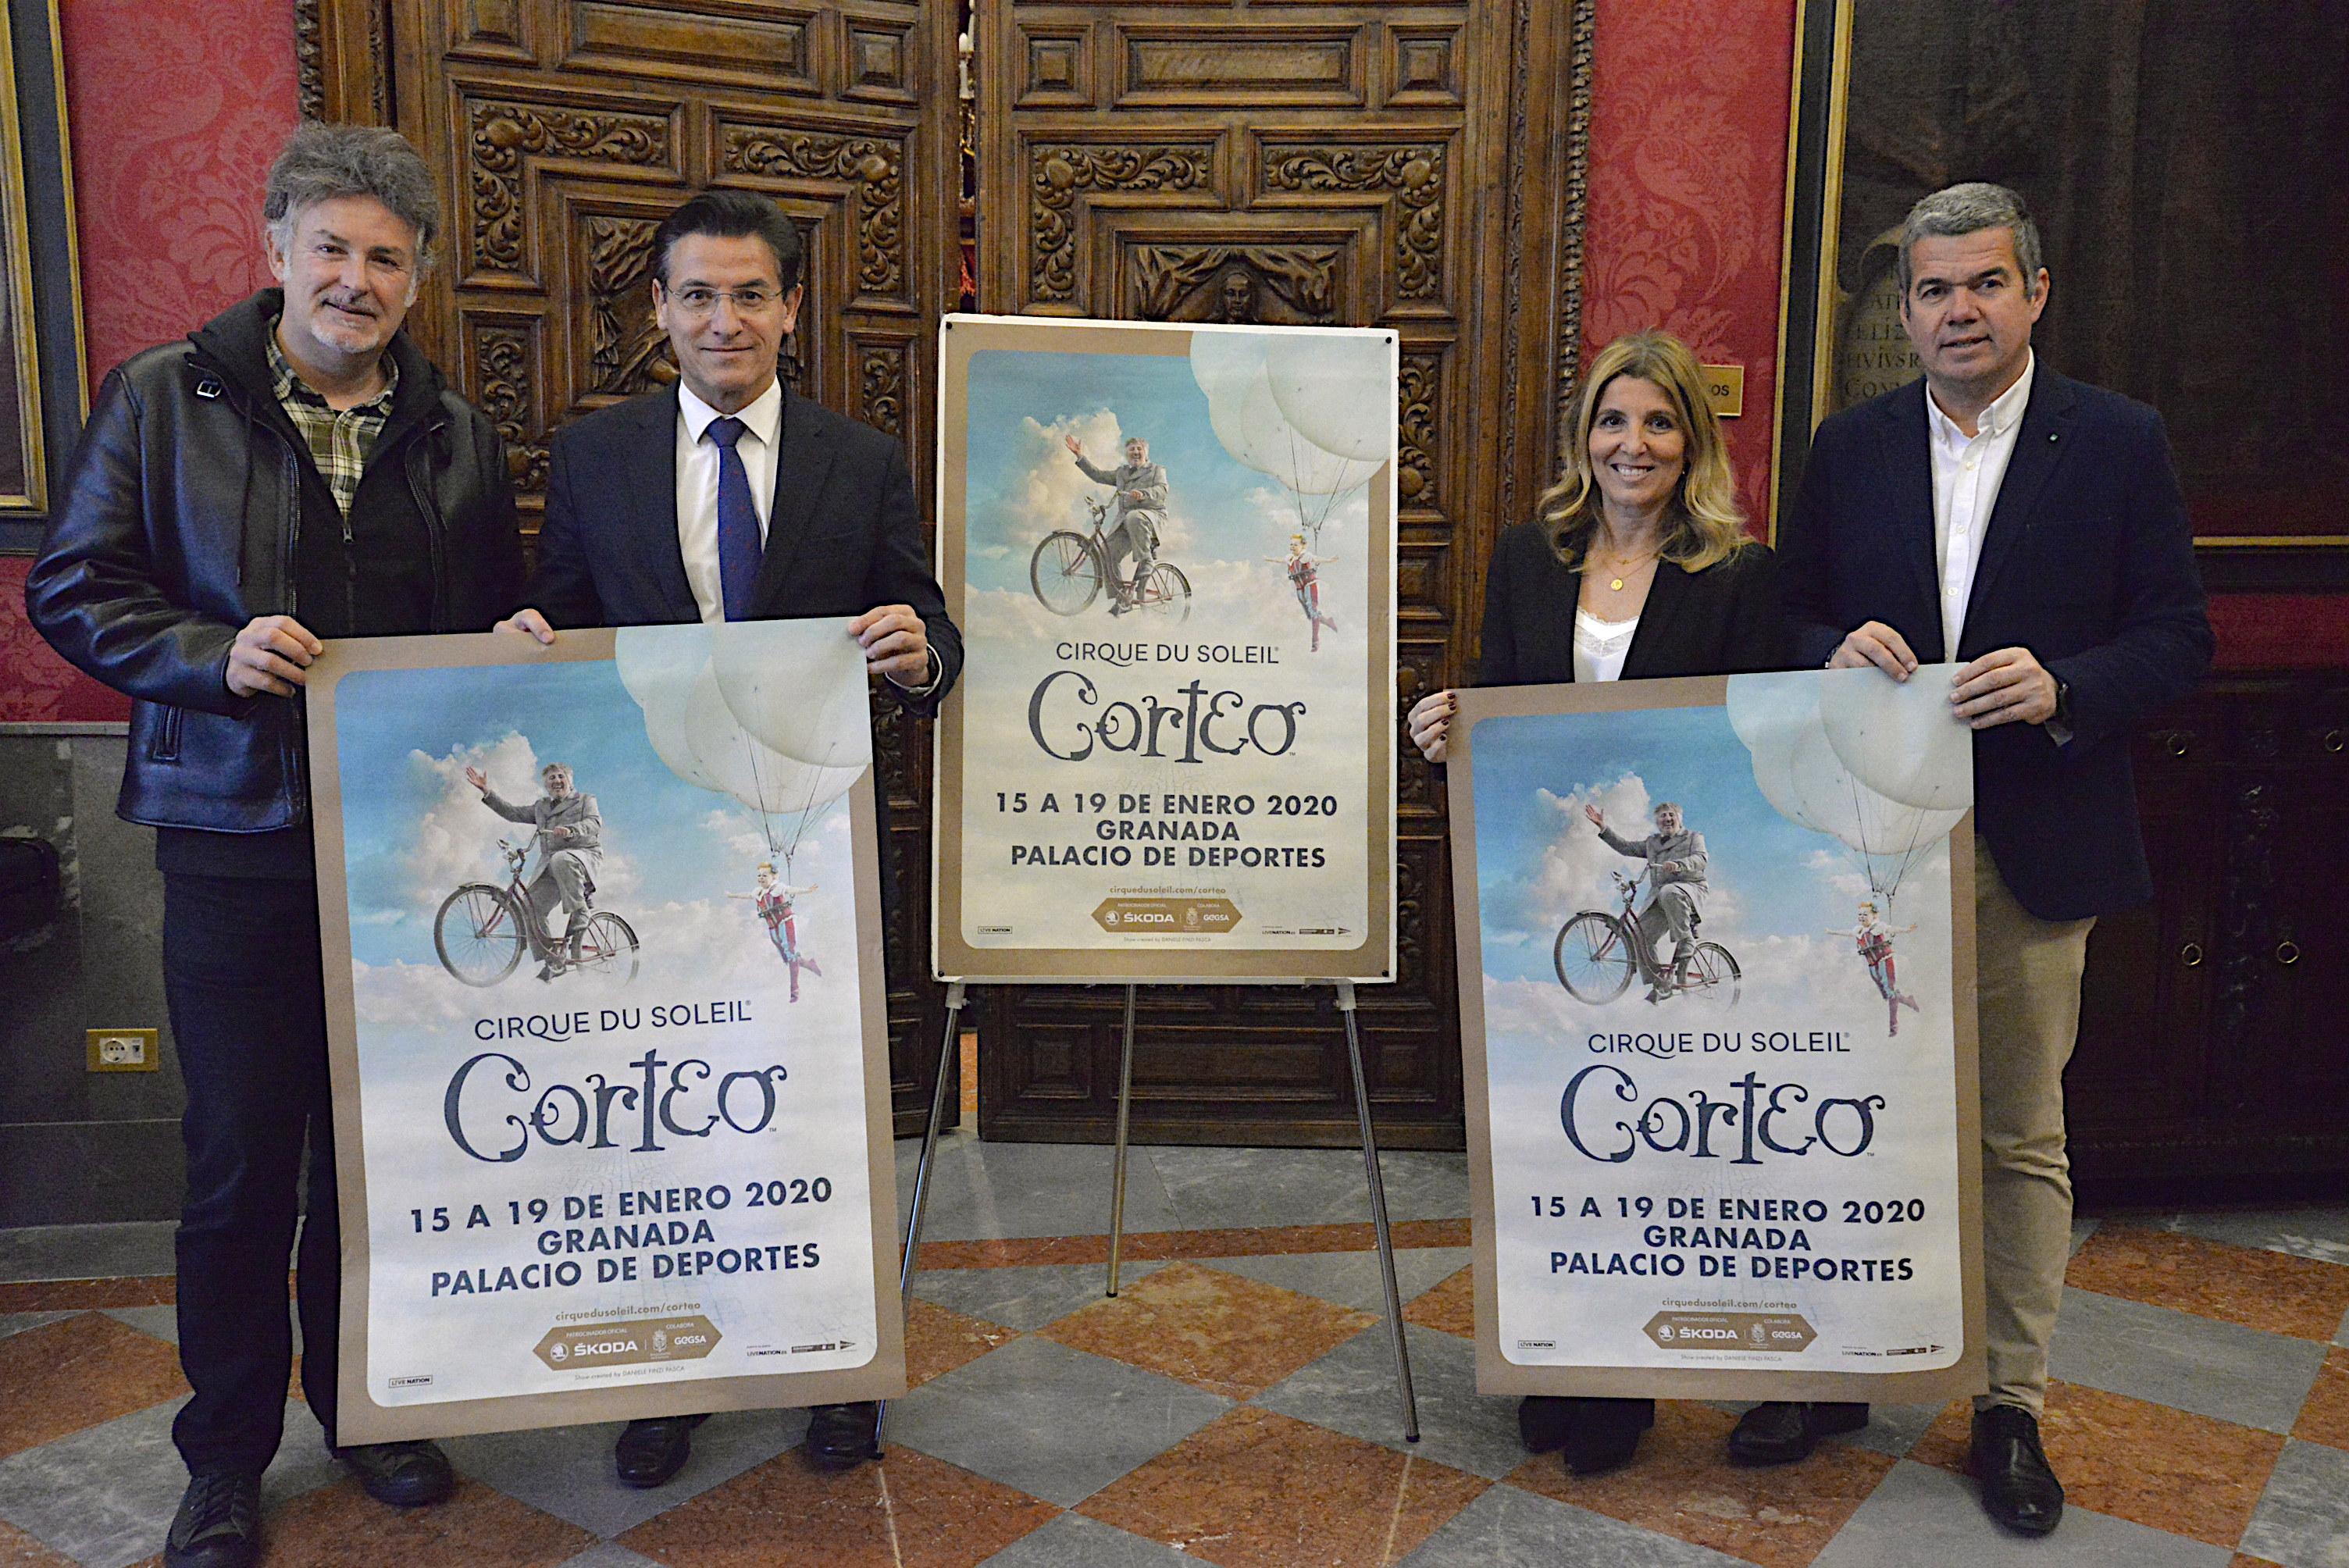 Desde el miércoles se puede disfrutar del Circo del Sol en Granada